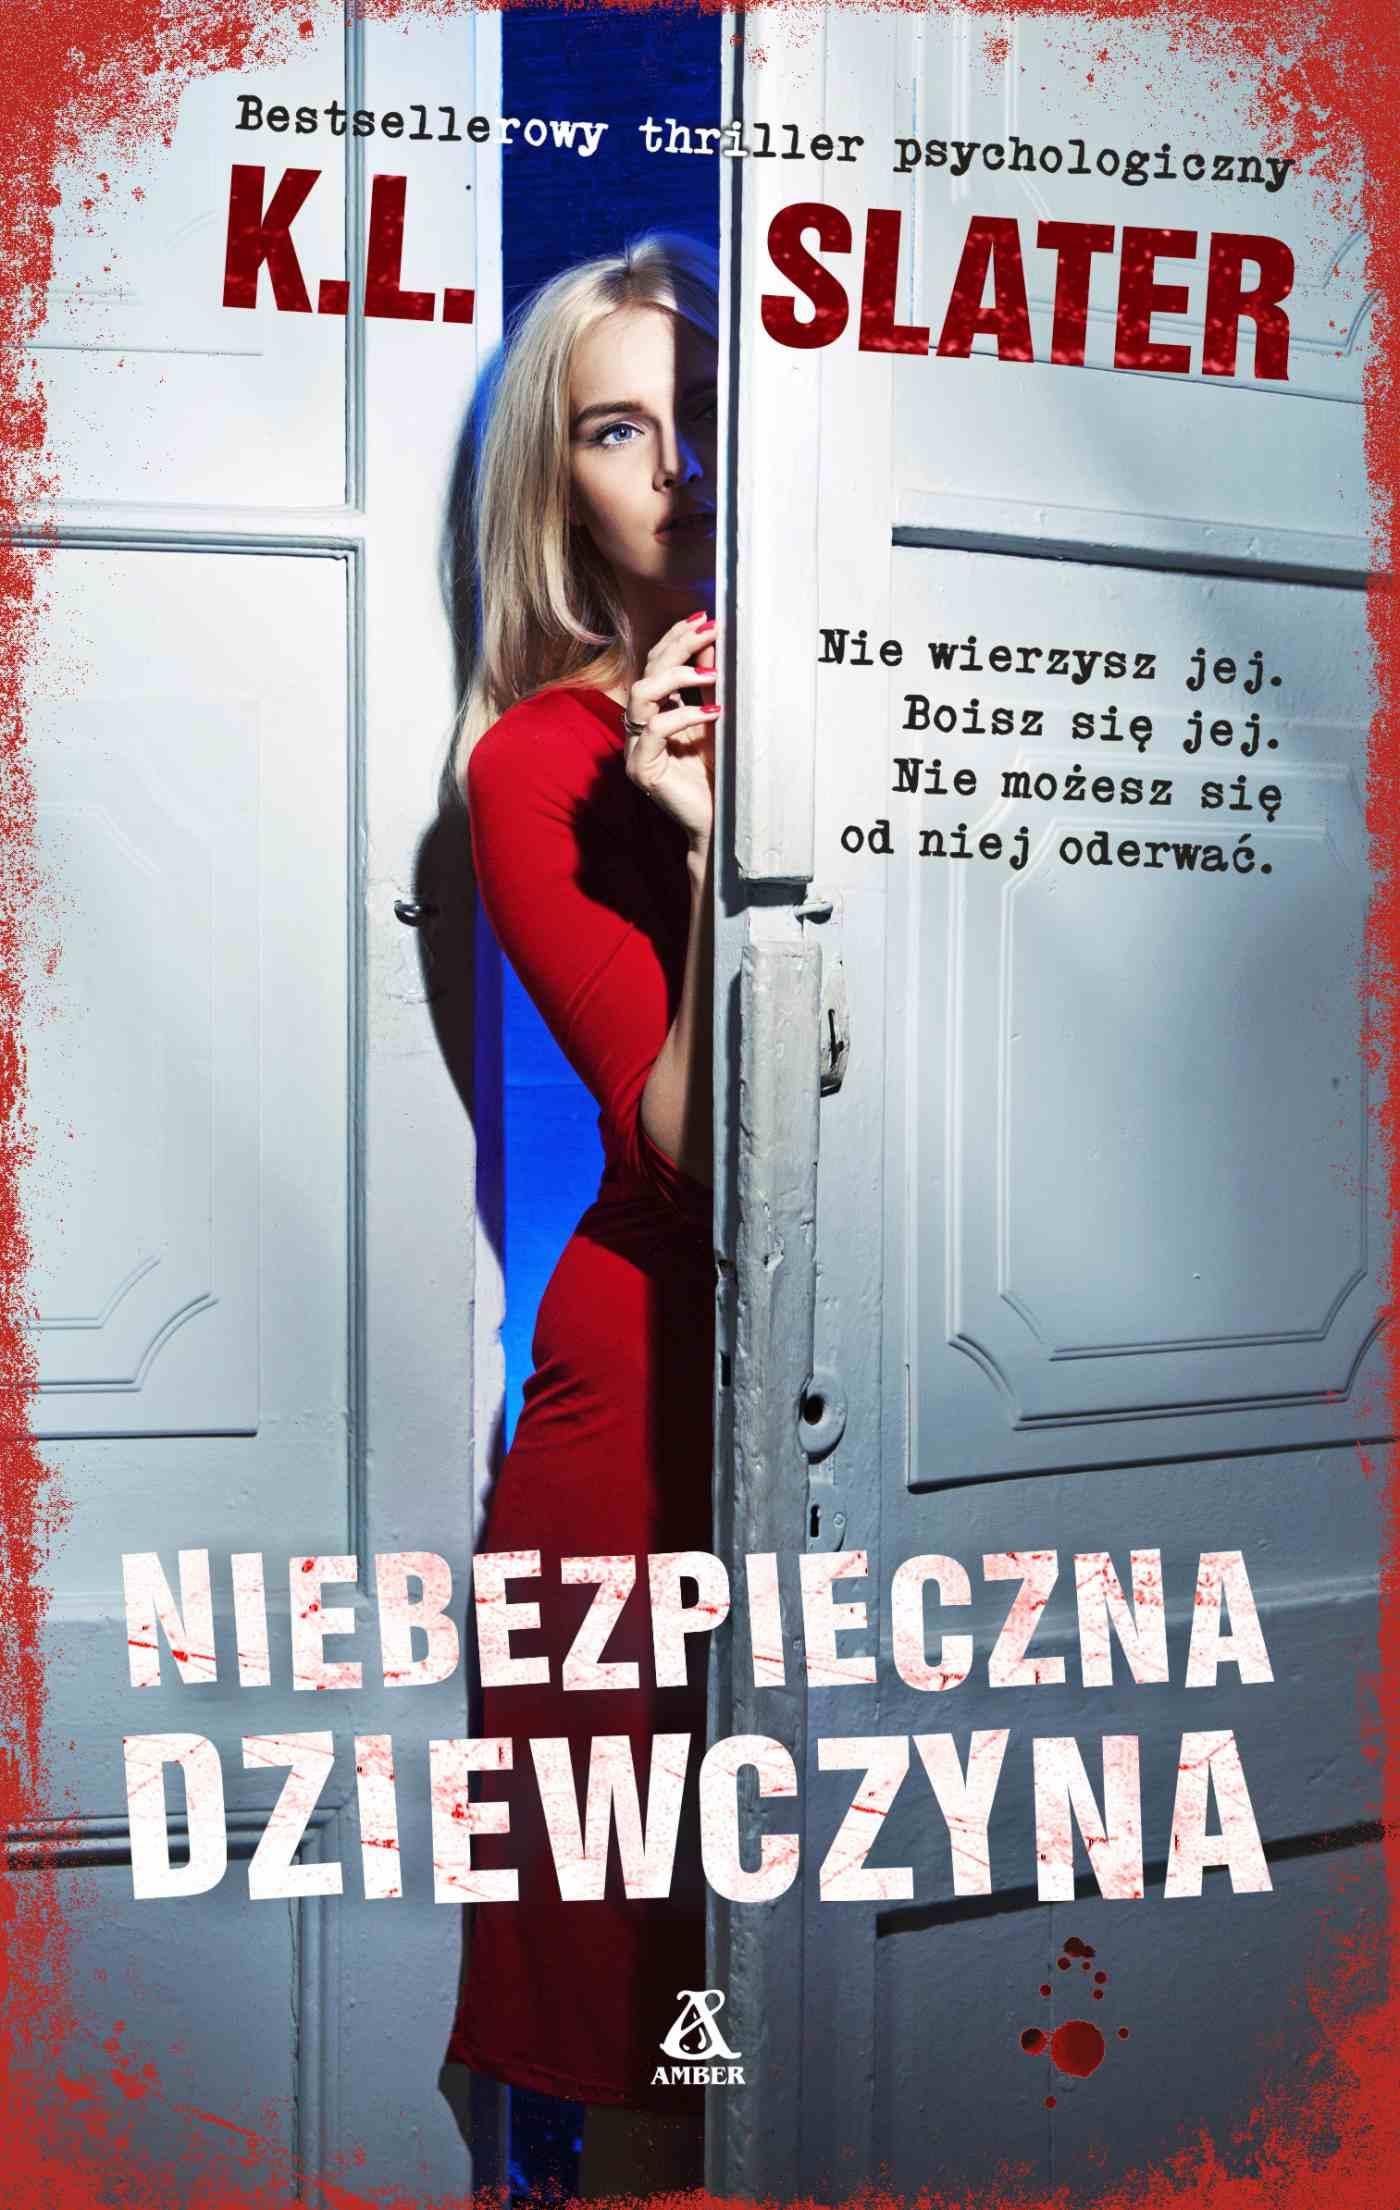 Niebezpieczna dziewczyna - Ebook (Książka na Kindle) do pobrania w formacie MOBI